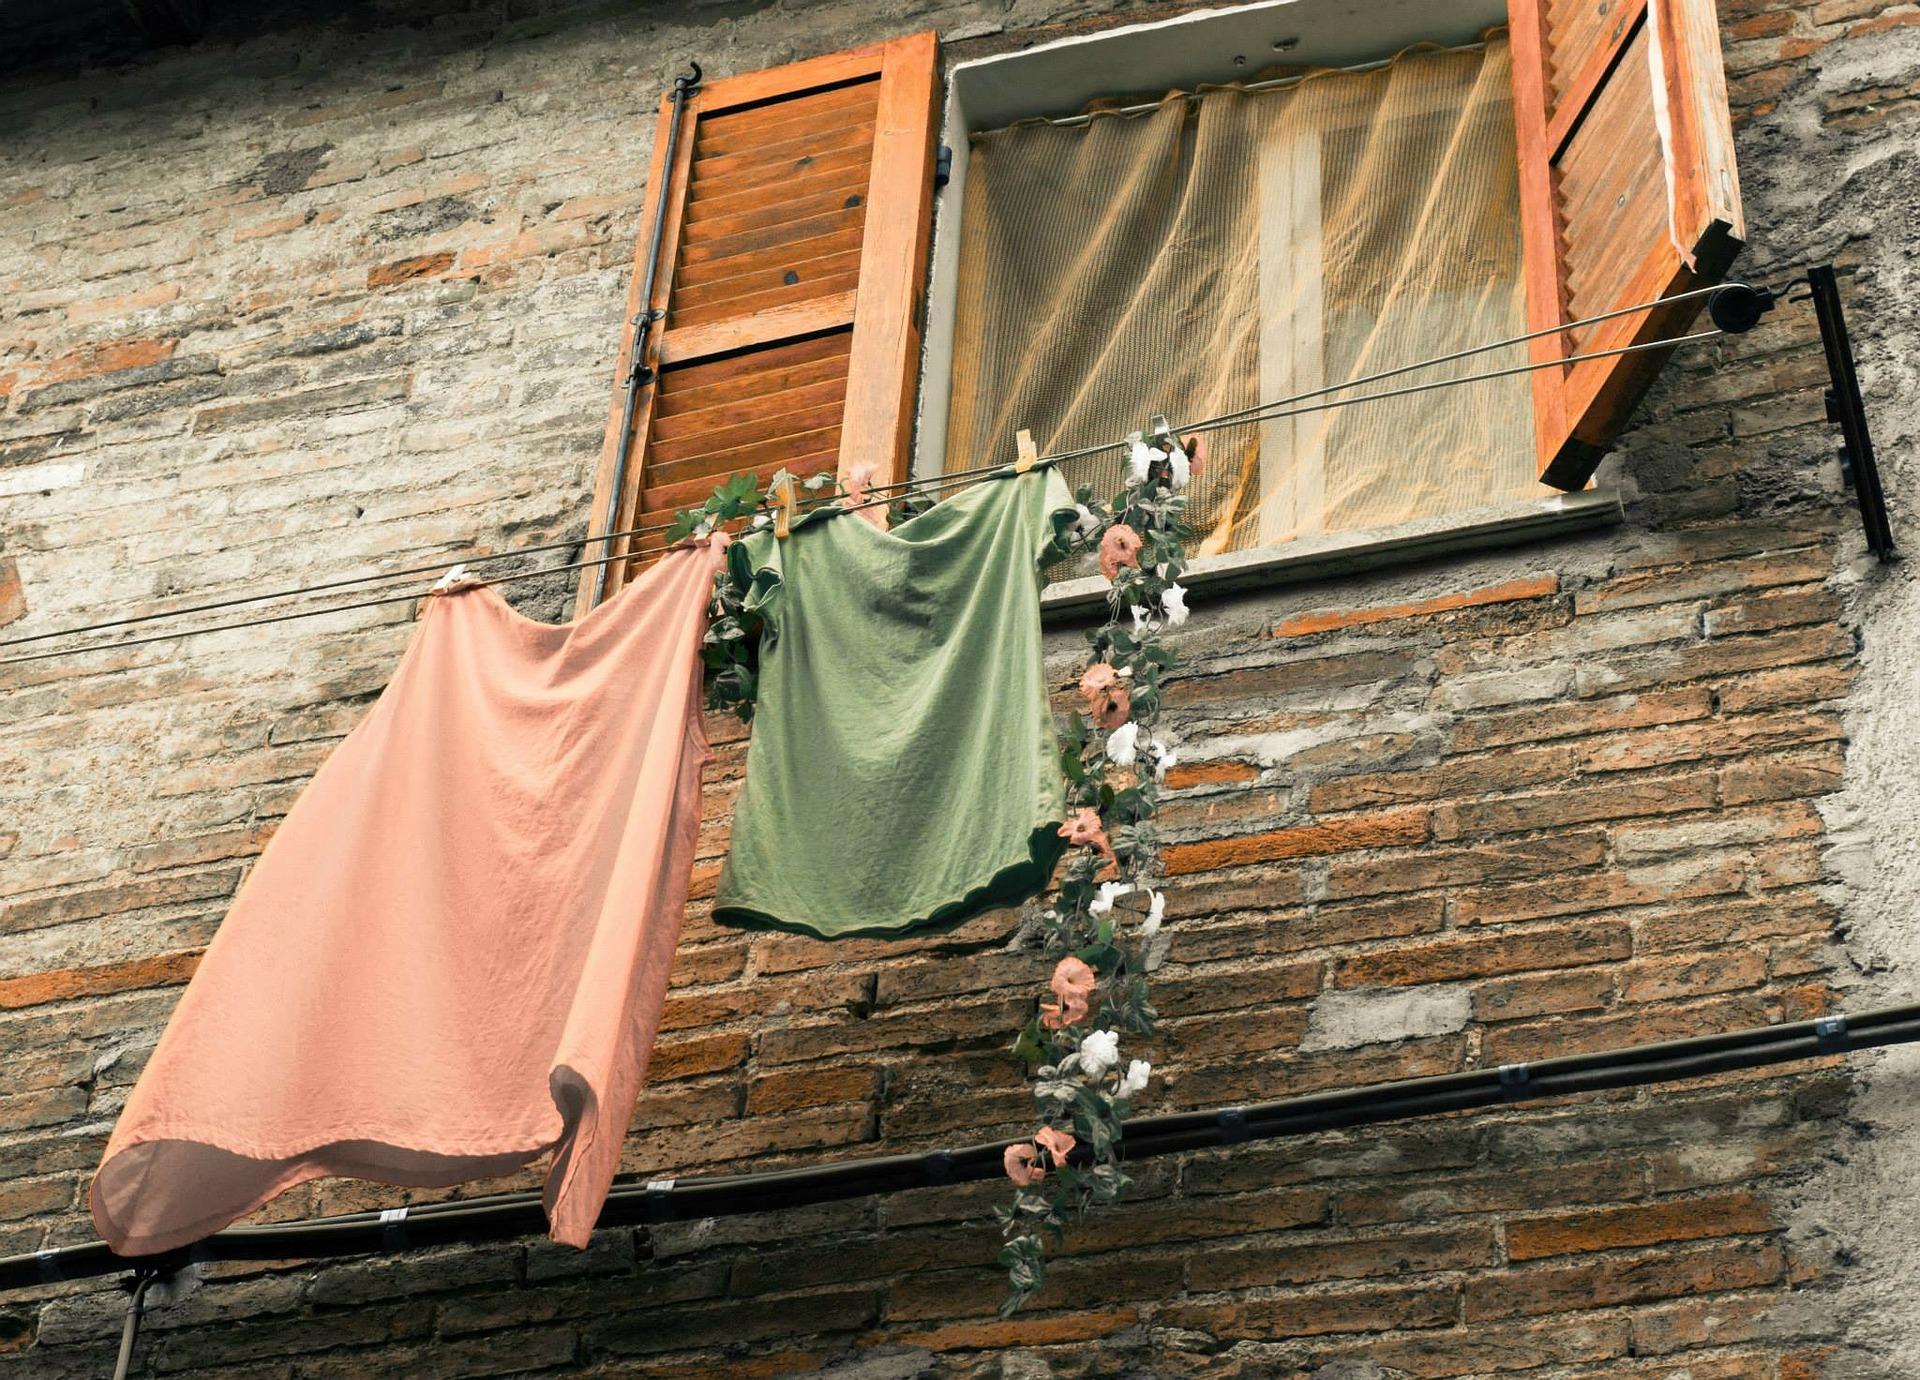 משוק לשיק: איך לשדרג בגדים ישנים?